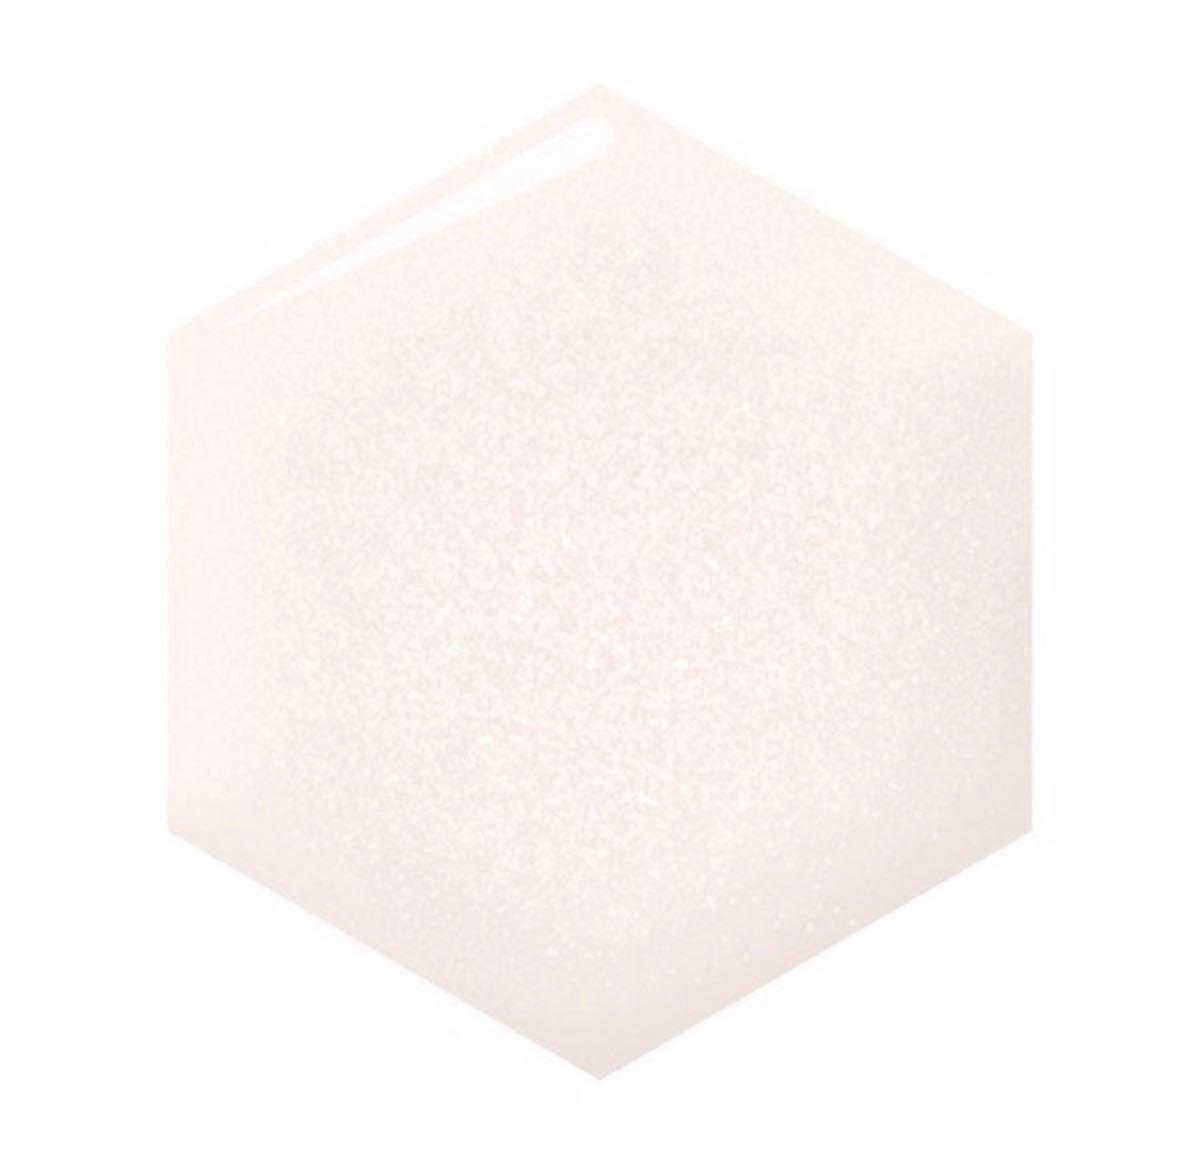 《資生堂》 インテグレート ジューシーバームグロス 1 4.5g